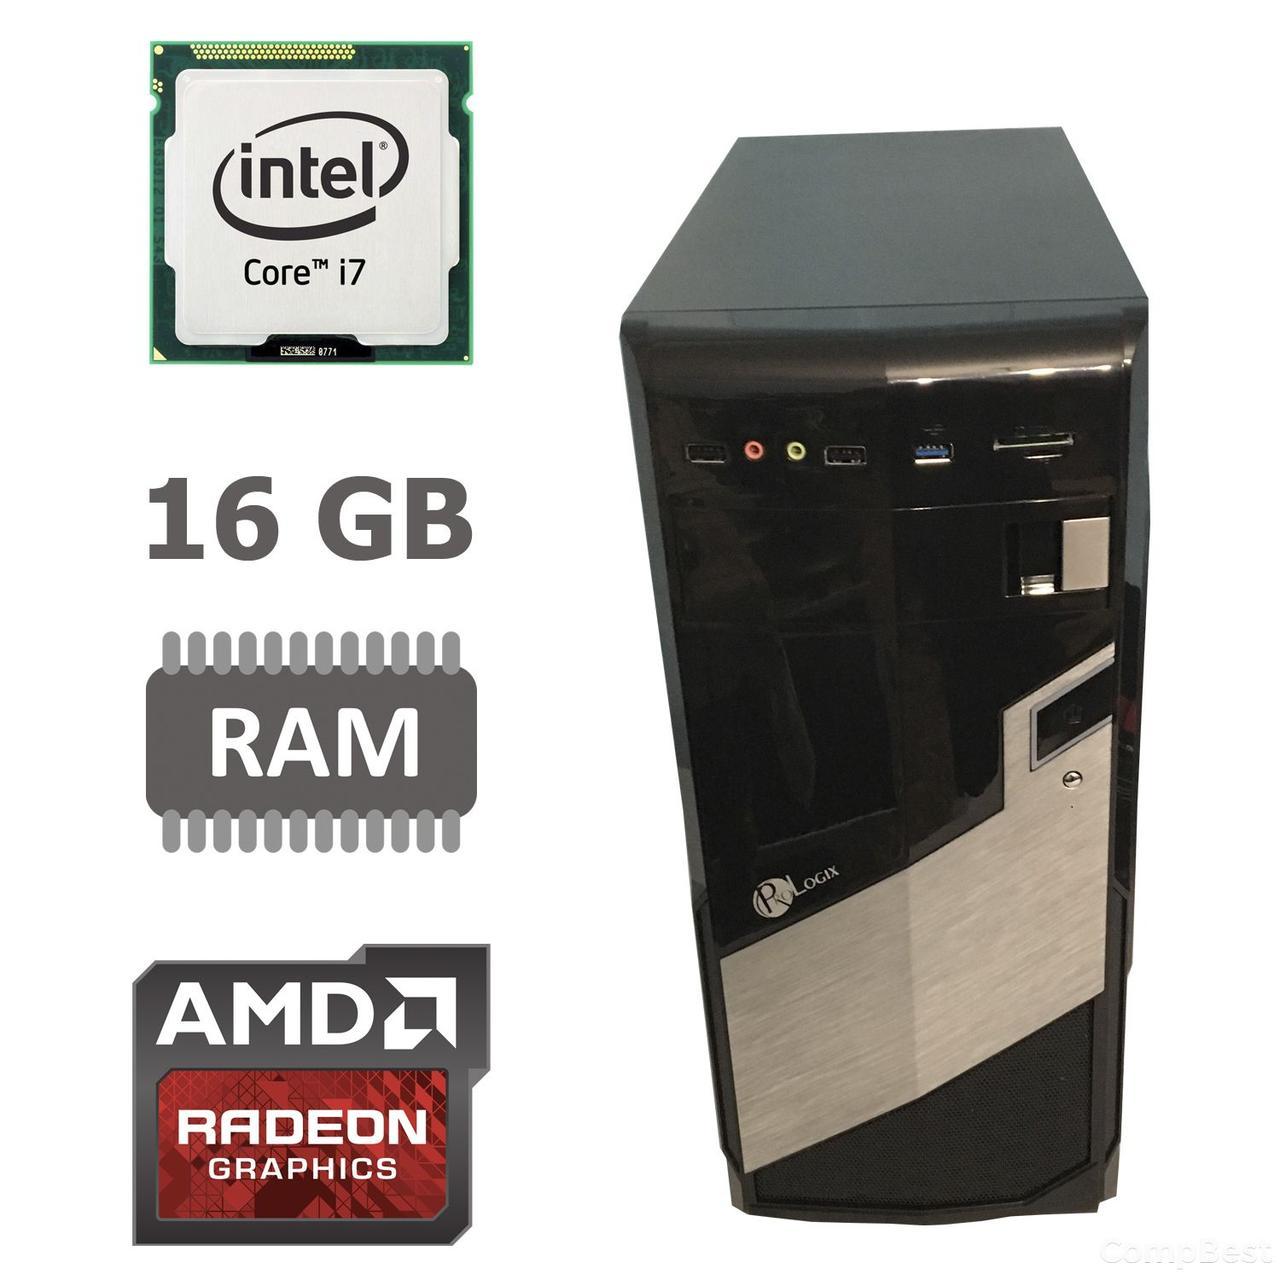 MSI Tower / Intel® Core™ i7-3770 (4 (8) ядра по 3.40 - 3.90 GHz) / 16 GB DDR3 / new 120 GB SSD + 500 GB HDD / Radeon RX580 8GB GDDR5 256bit / БП 650 W